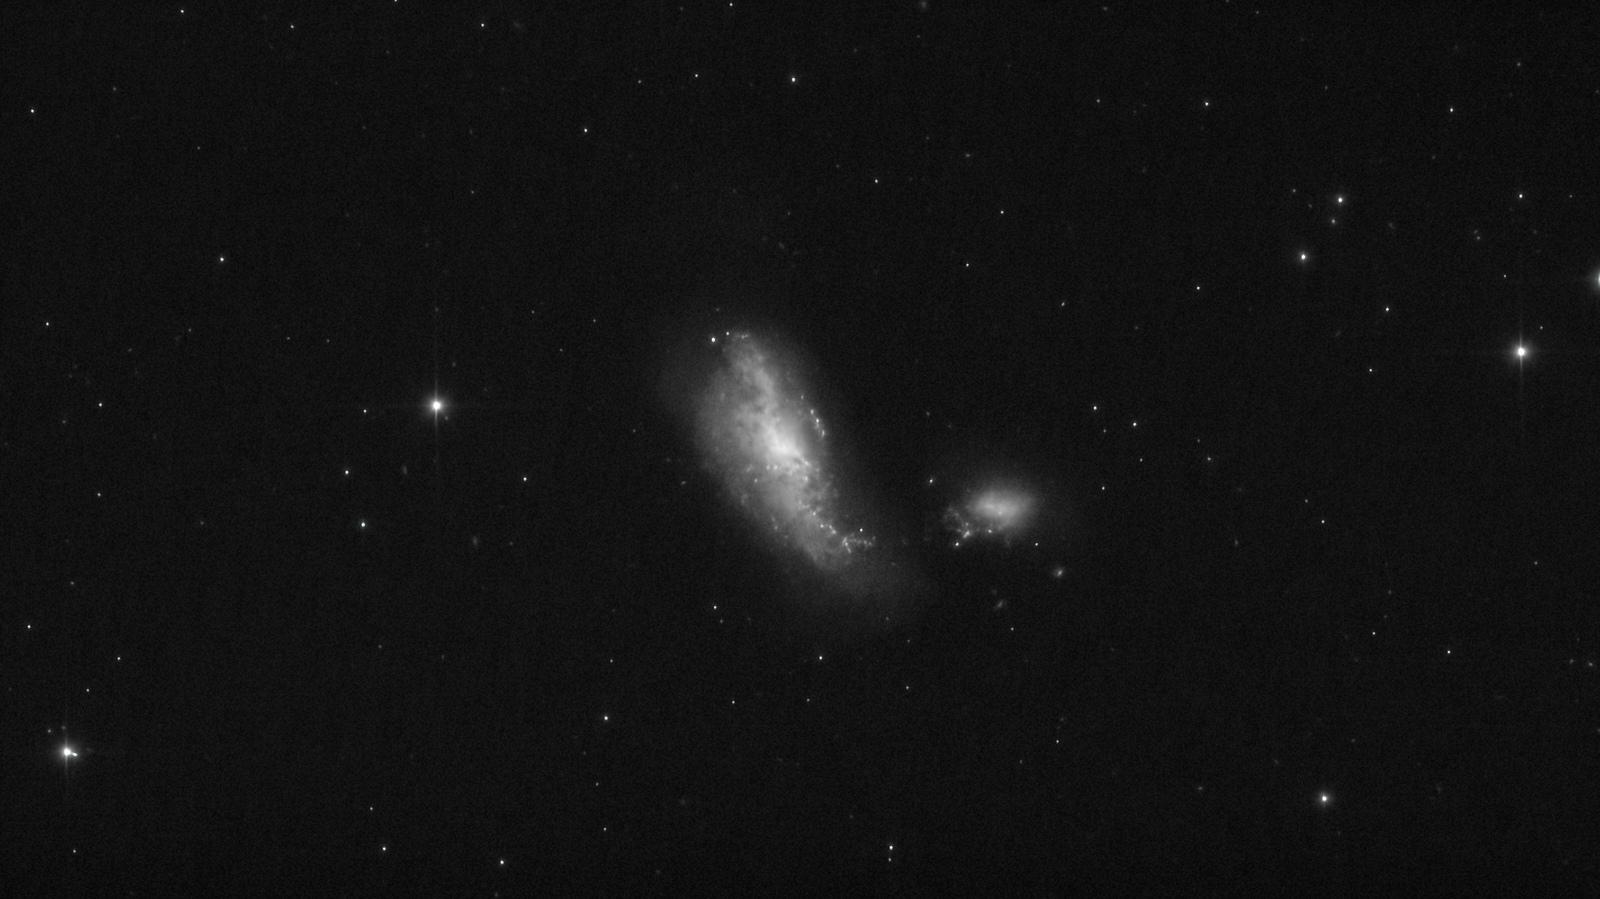 600b5e2fe1da9_r_pp_NGC4490_stacked.jpg.12a3cd4831a0422065ae3f355ff585f3.jpg